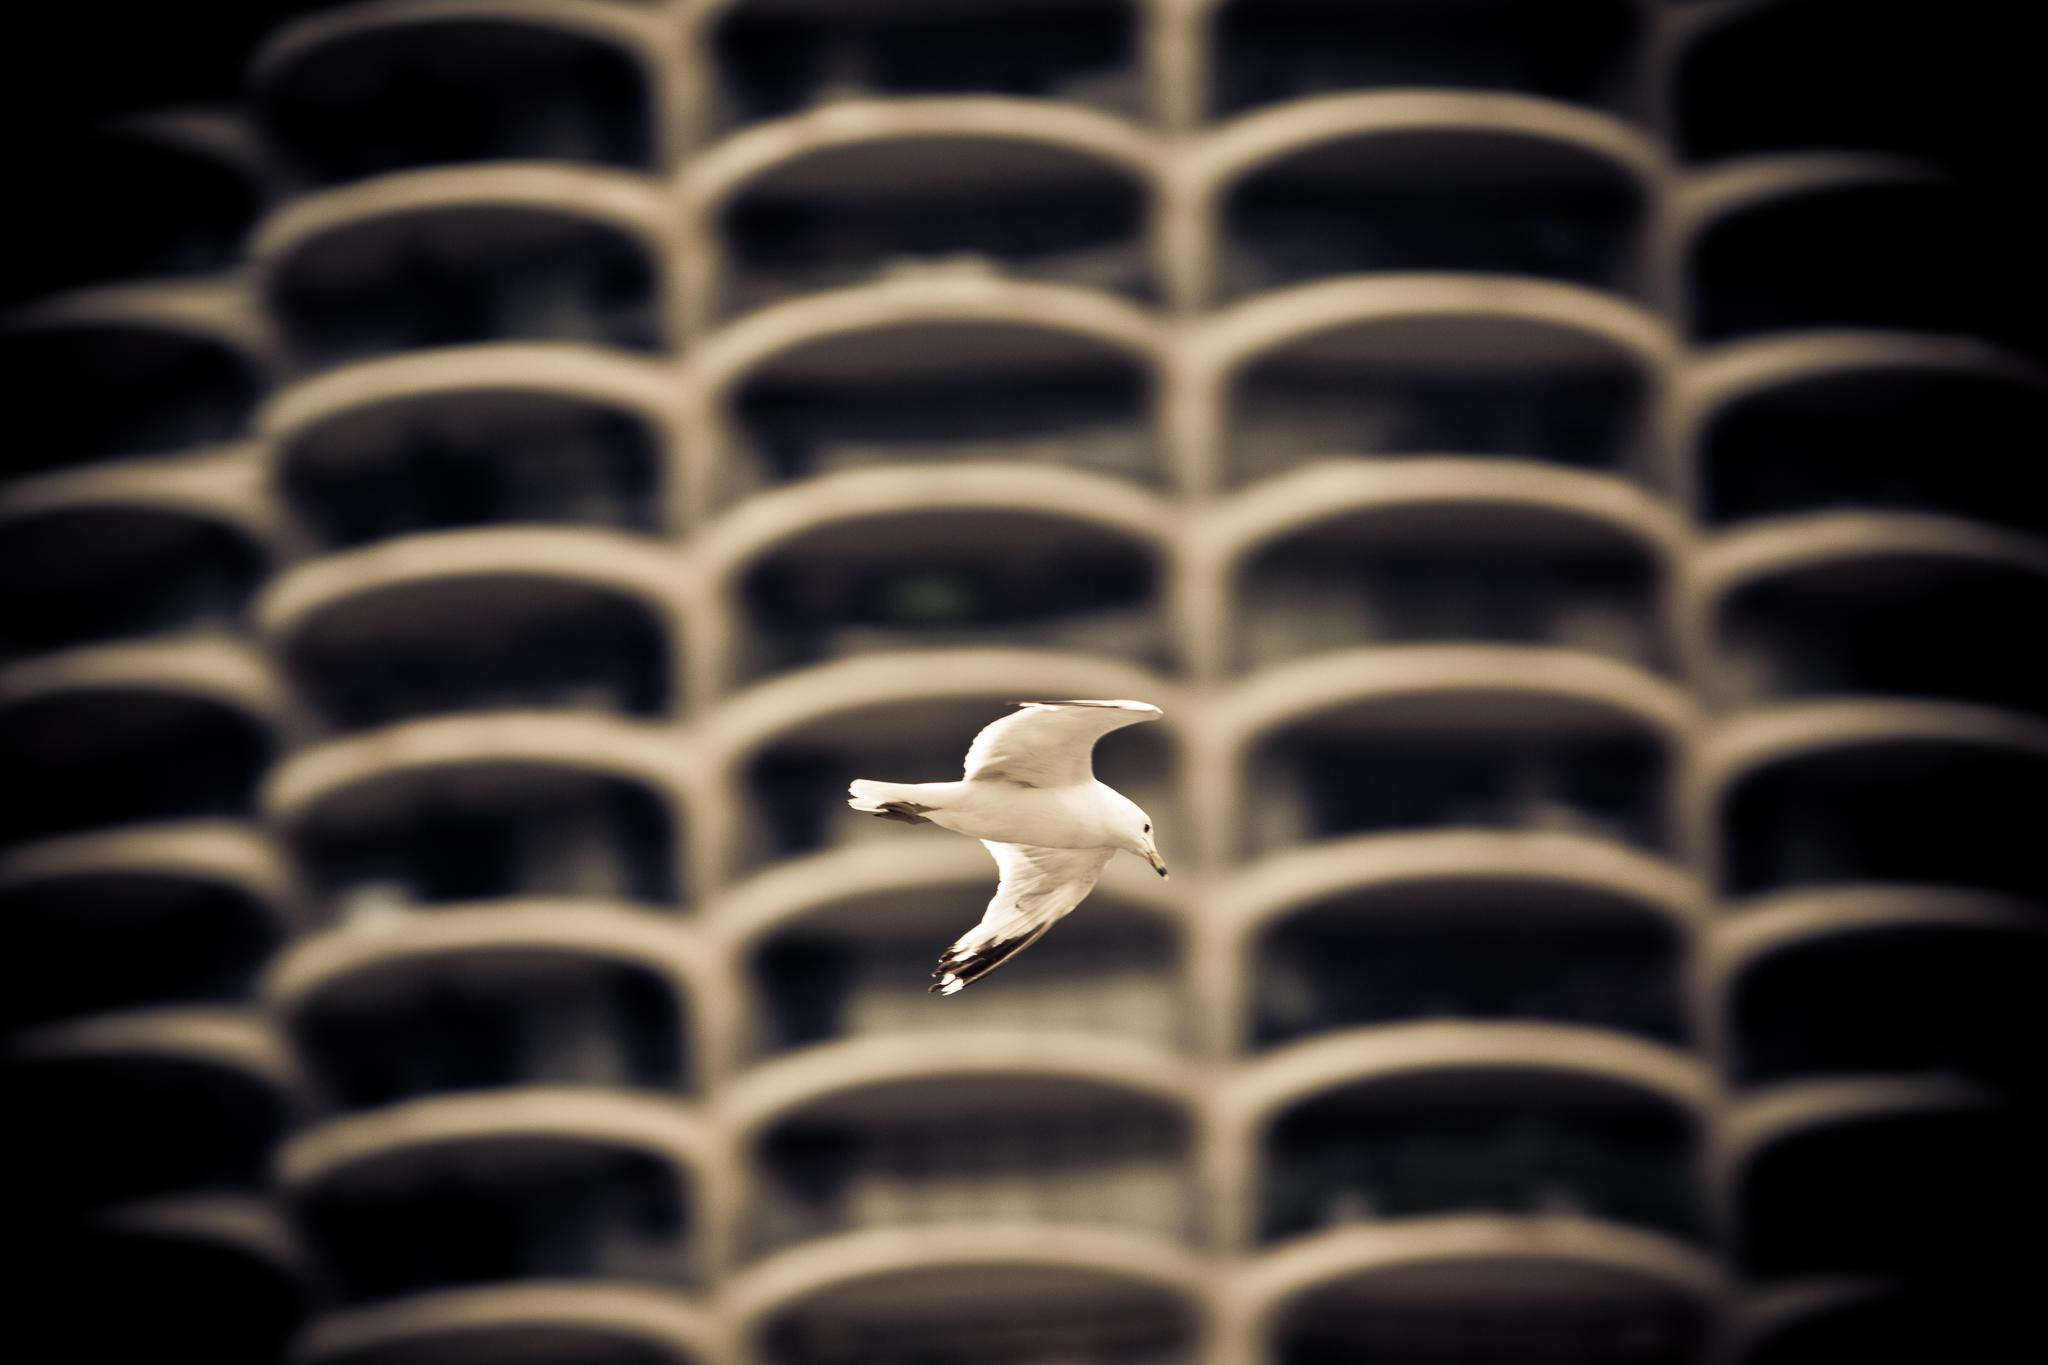 017_urban_flight.jpg